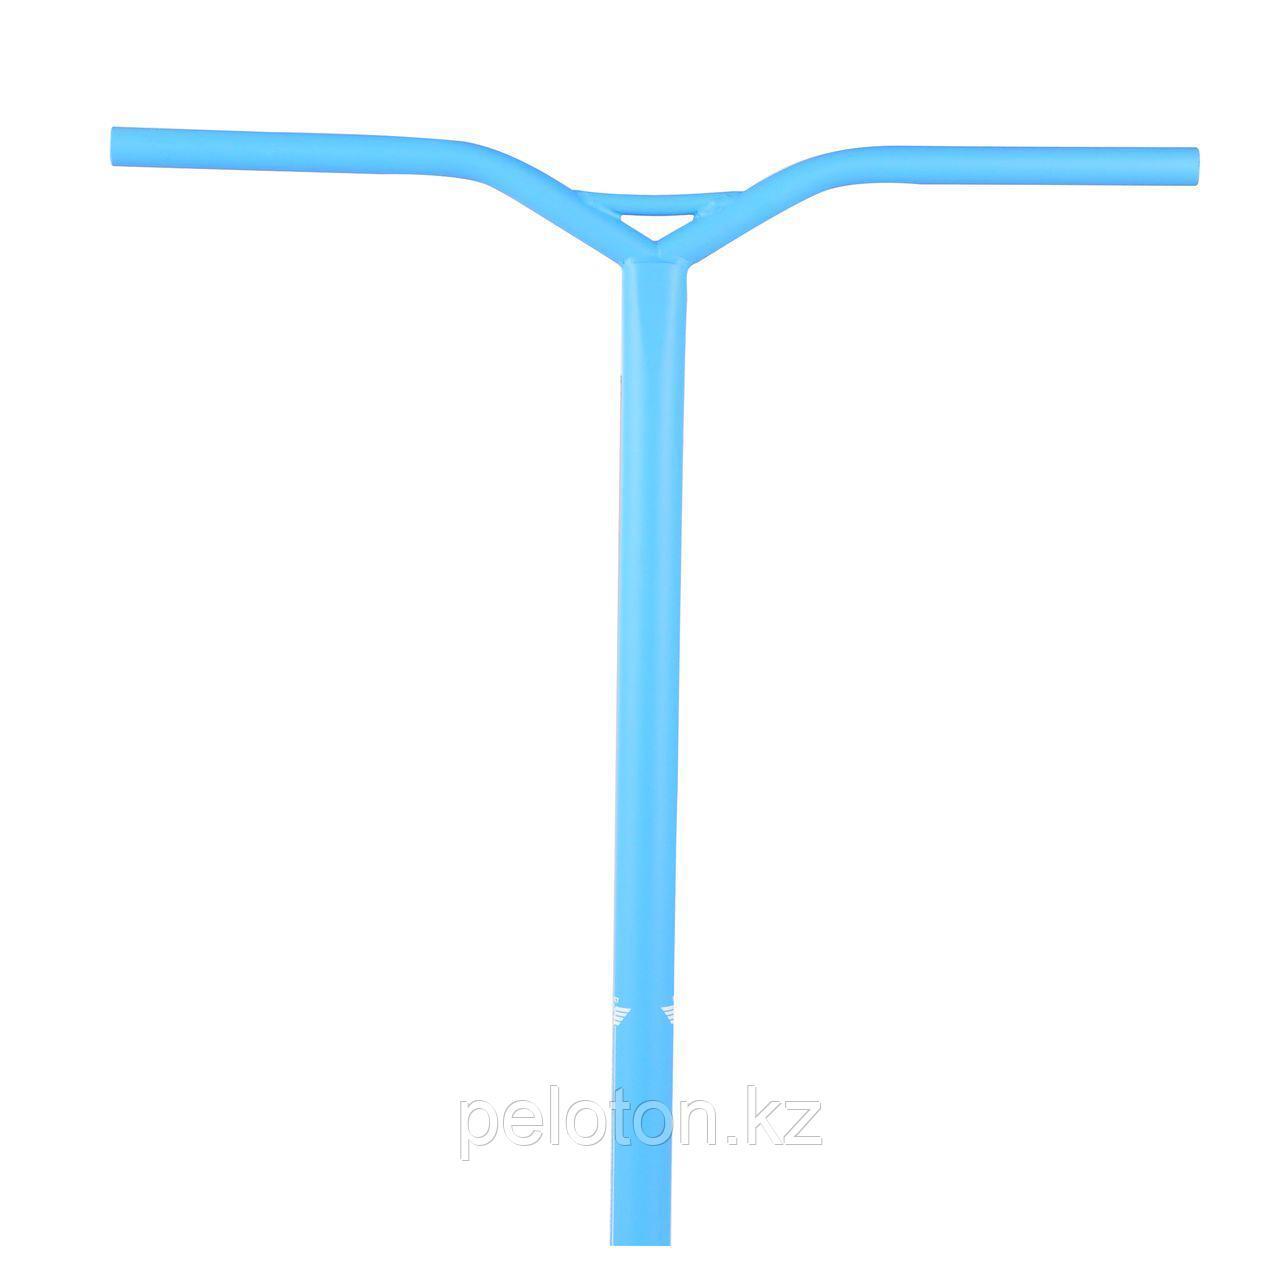 Руль Precinct V2 T-bar Size XL matt blue